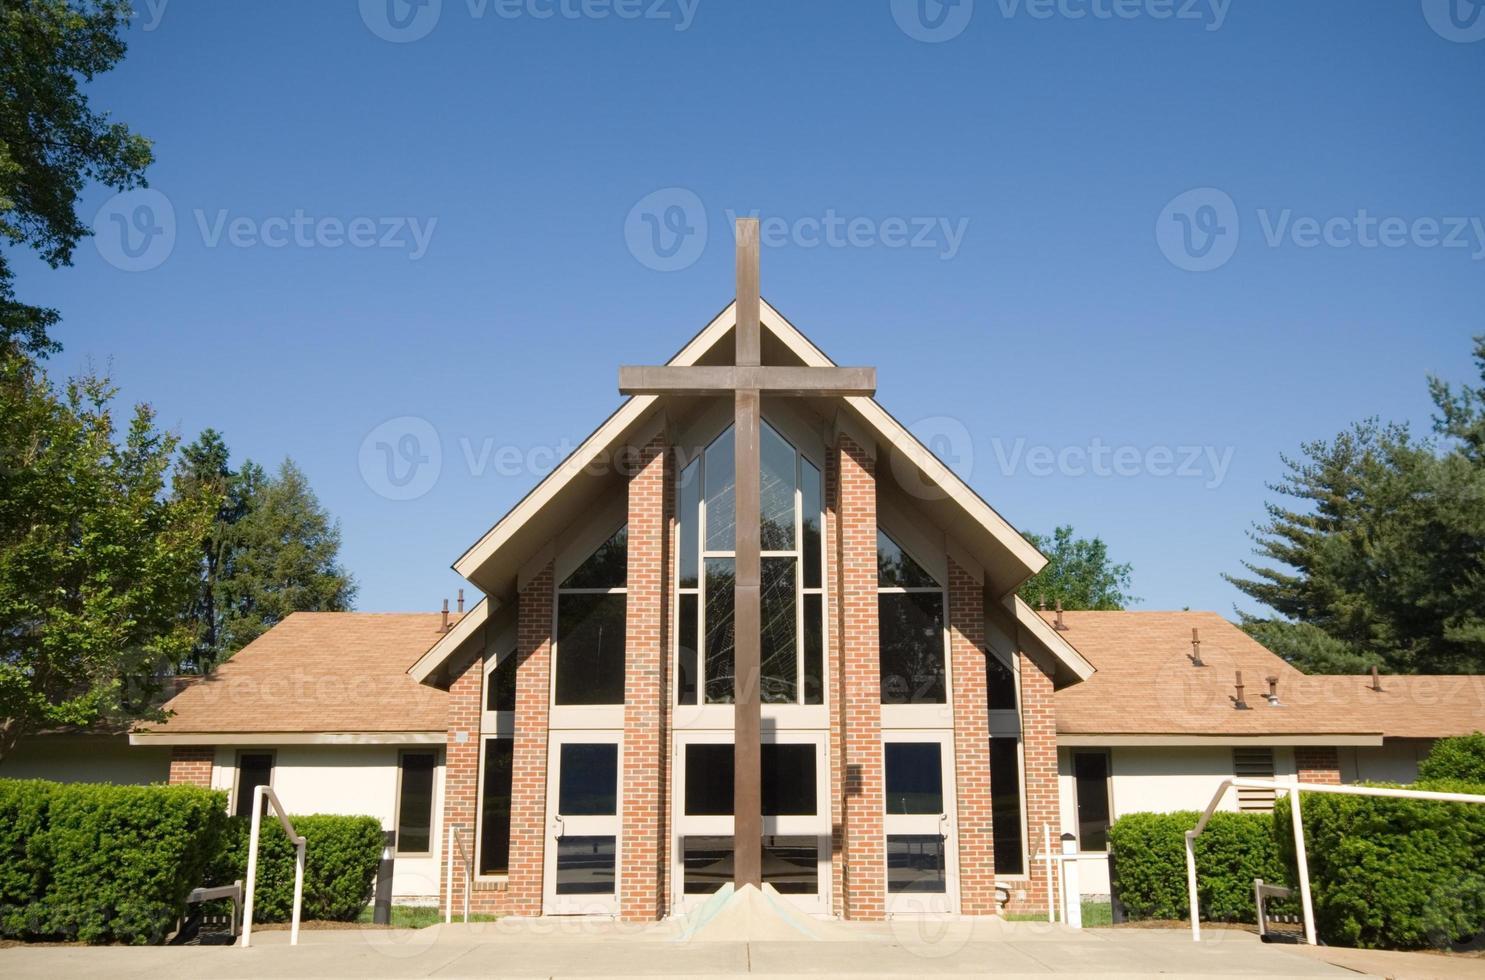 voorkant moderne kerk, groot kruis, blauwe lucht, groothoek foto